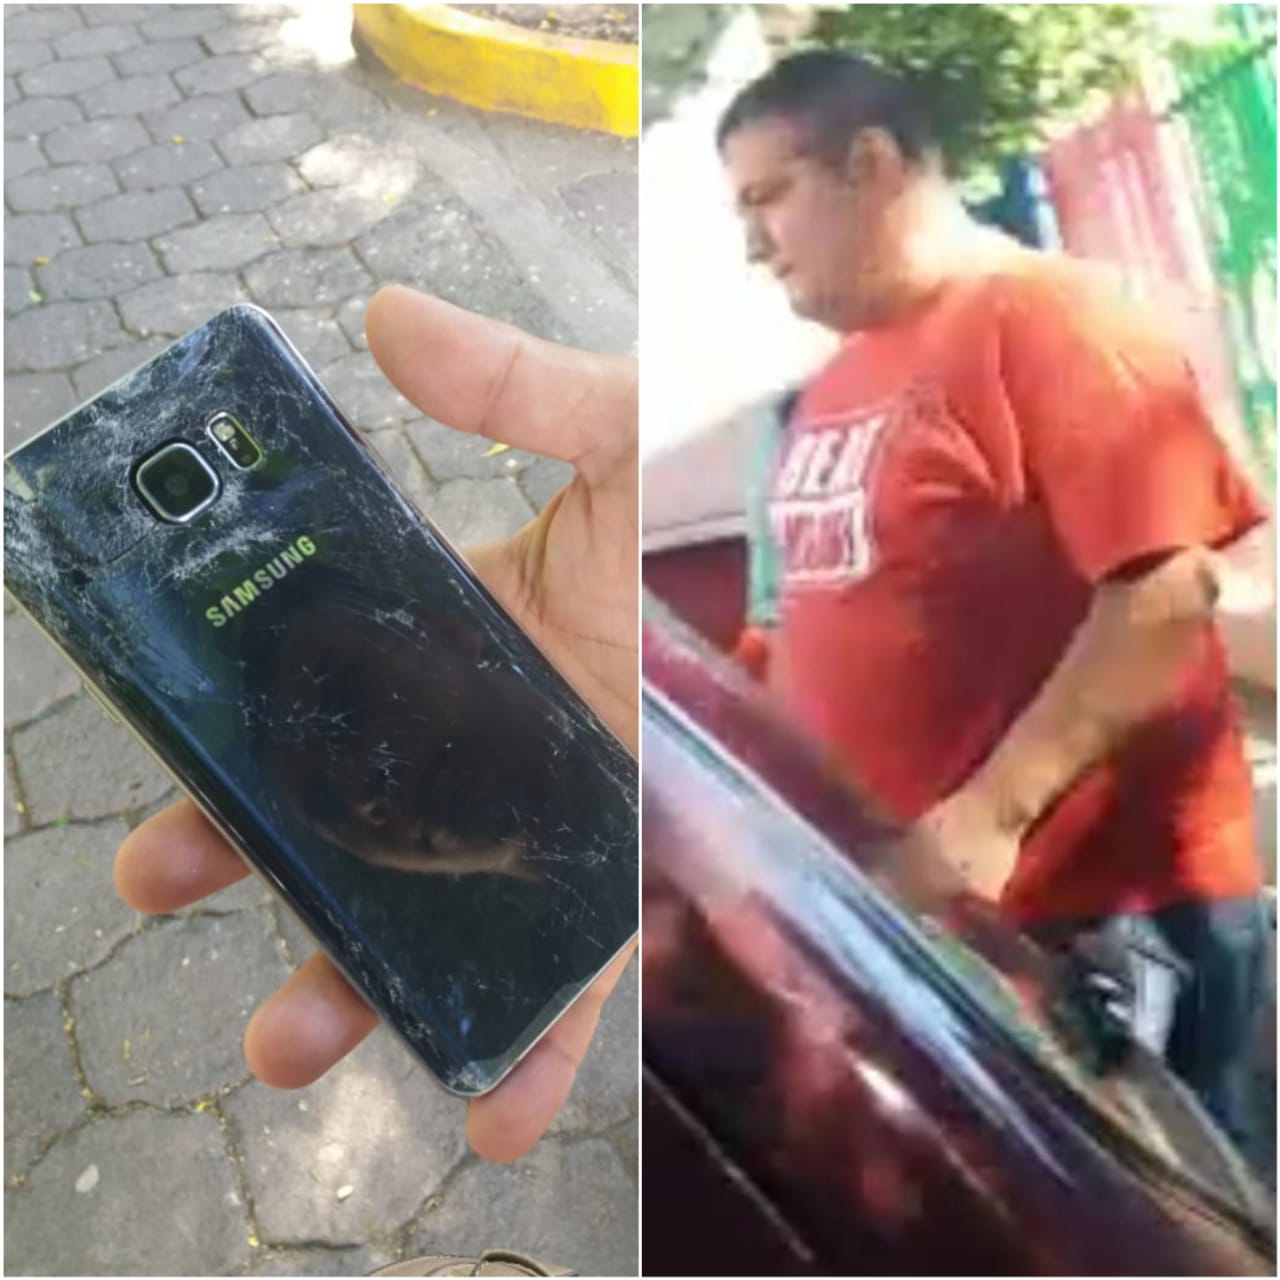 Policía vestido de civil arrebata y quiebra el teléfono al camarógrafo y periodista, Bryan Zeledón de NotimaTV